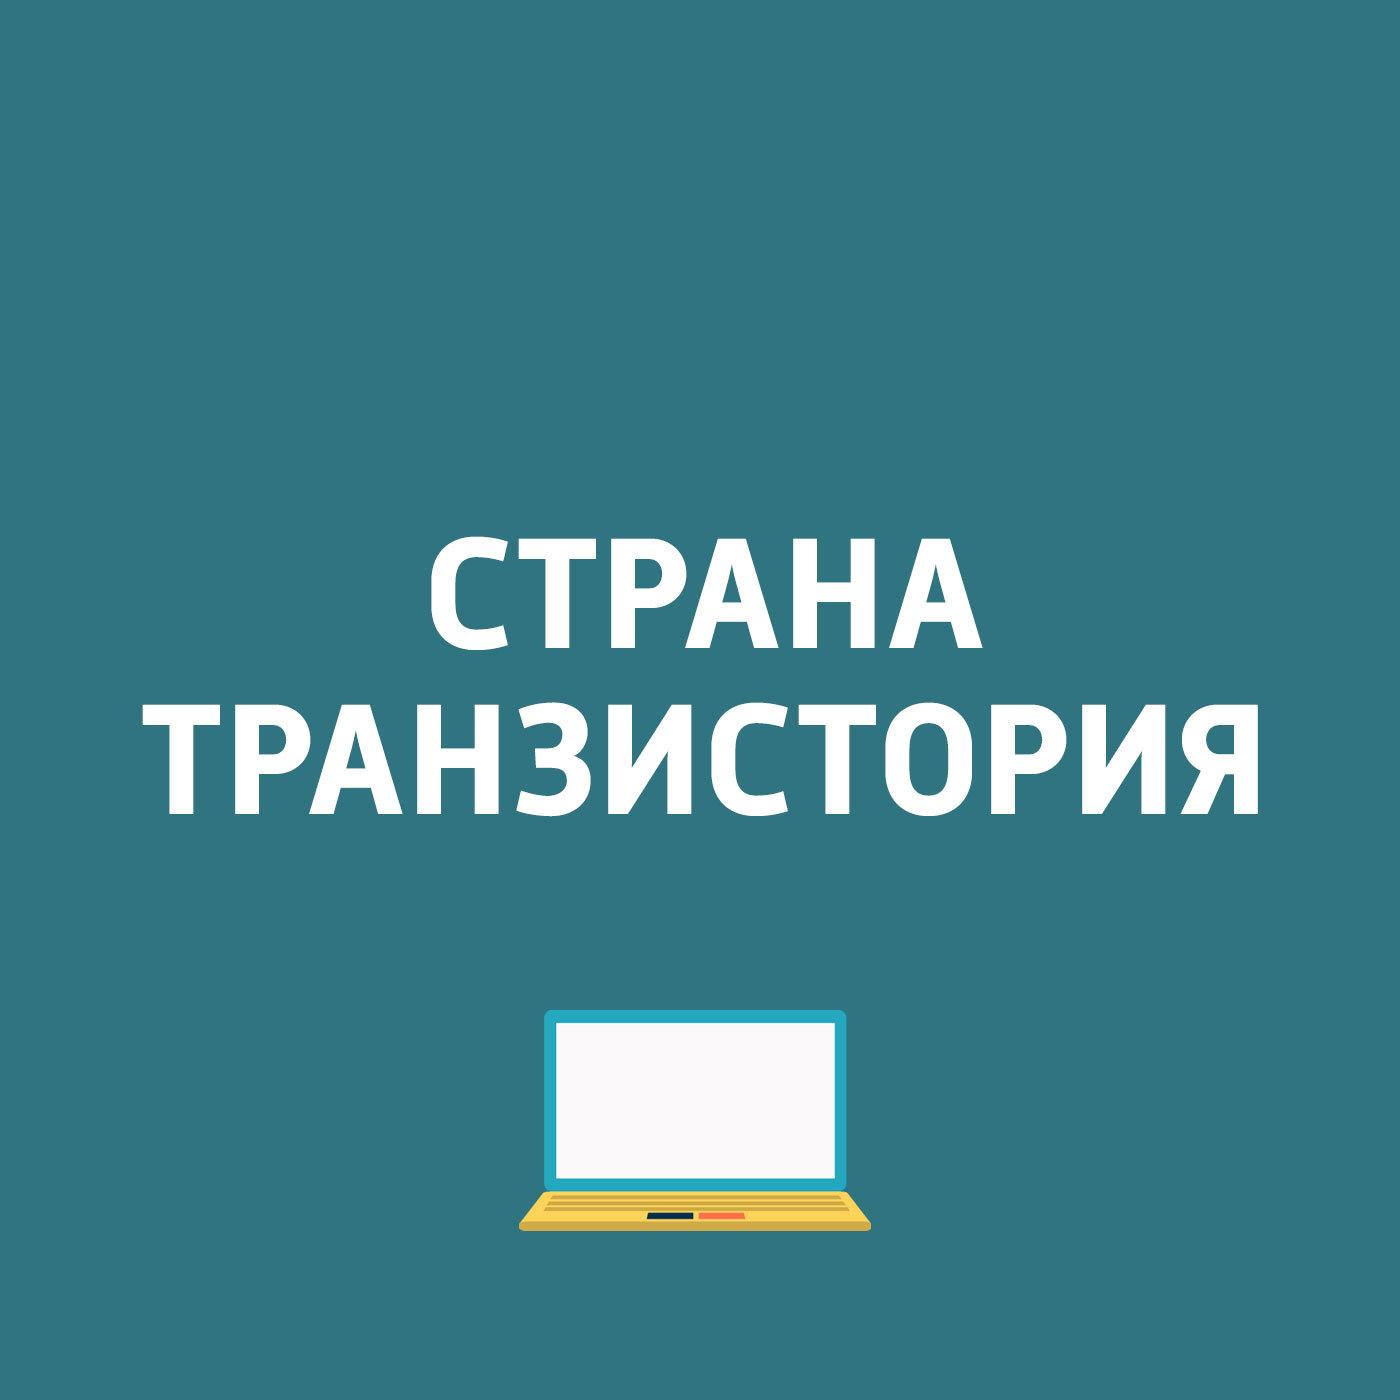 Картаев Павел Acer day, BlackBerry Key 2 и обновление World of Tanks картаев павел ideapad y900 обновление world of tanks на базе пожеланий игроков